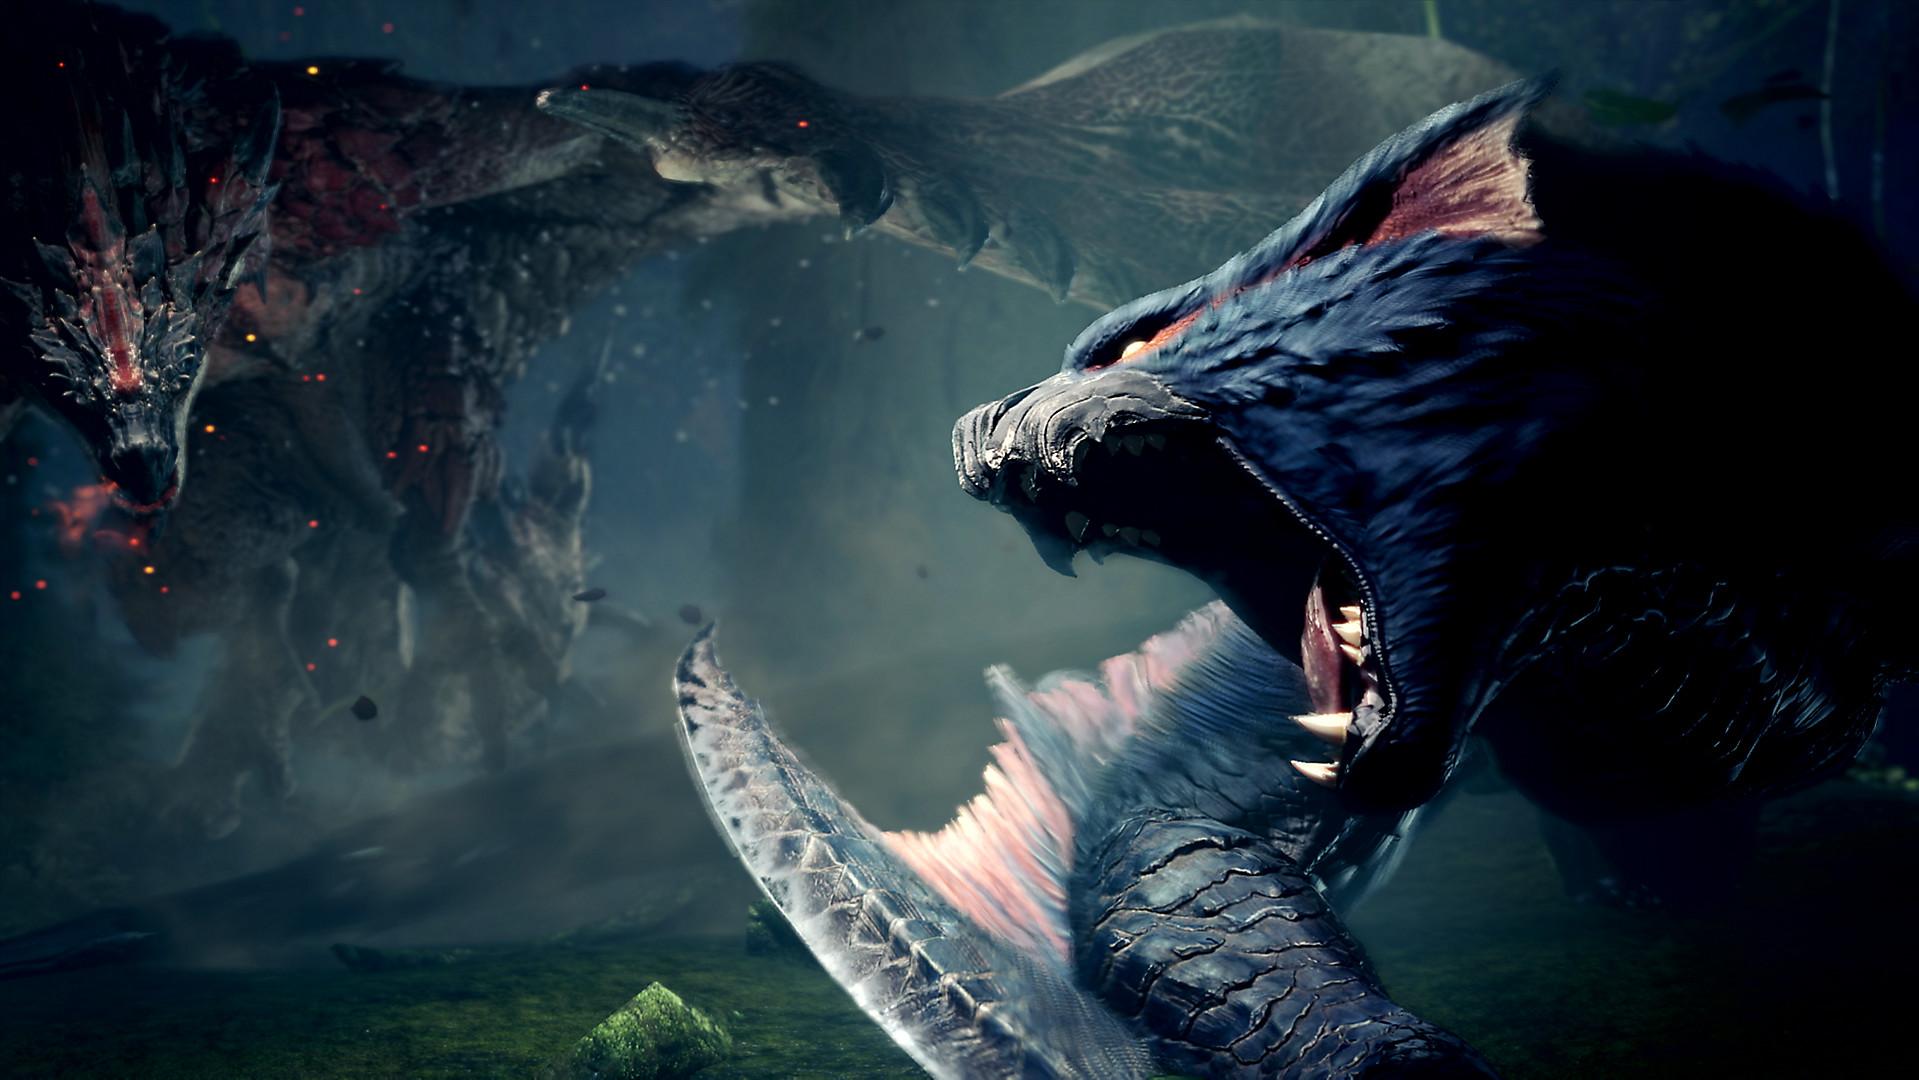 monster-hunter-world-iceborne-screen-06-